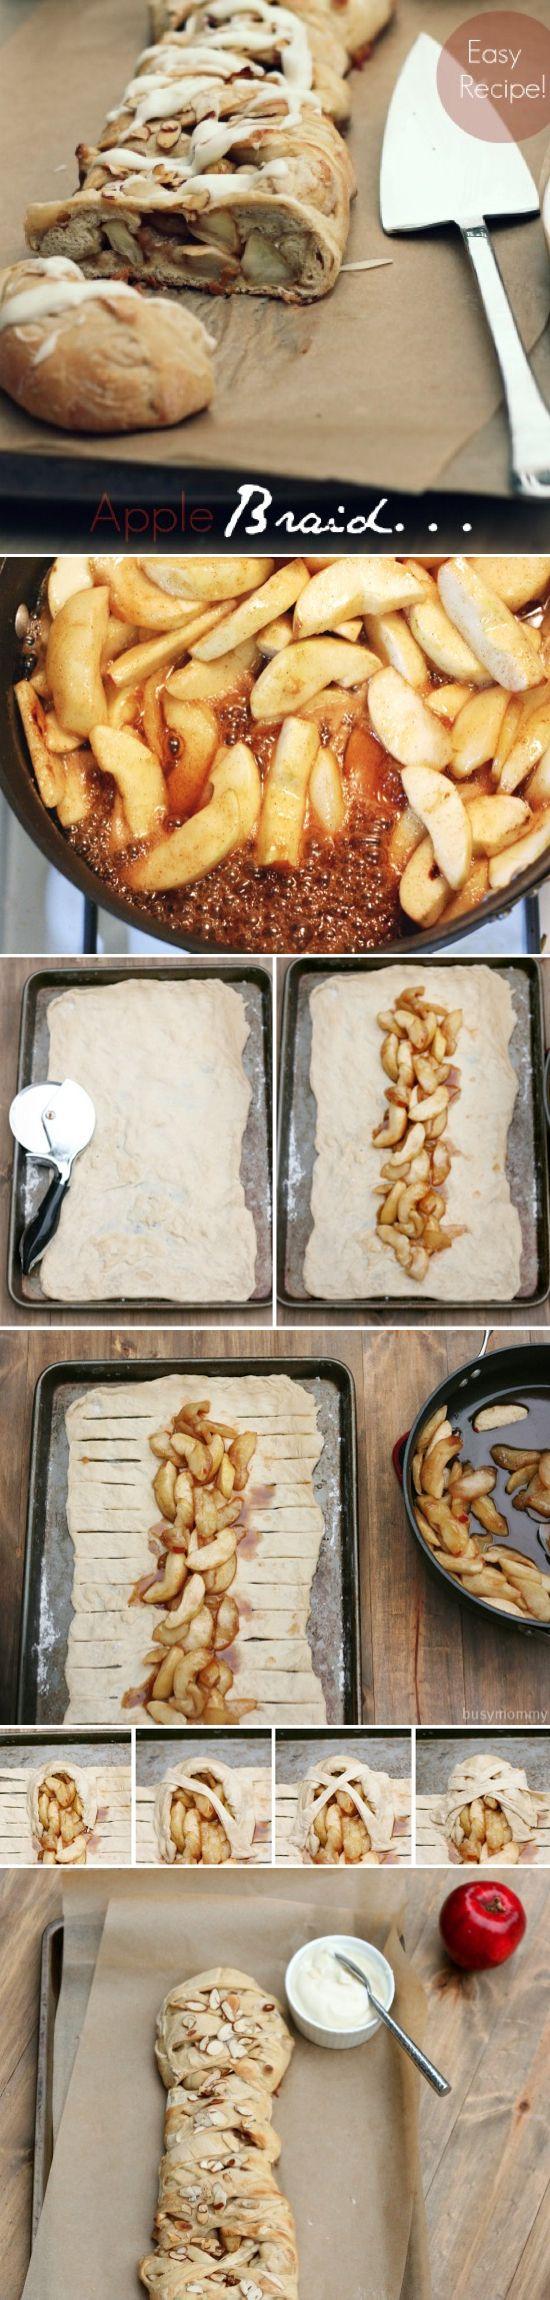 20 Unique Apple Dessert Recipes